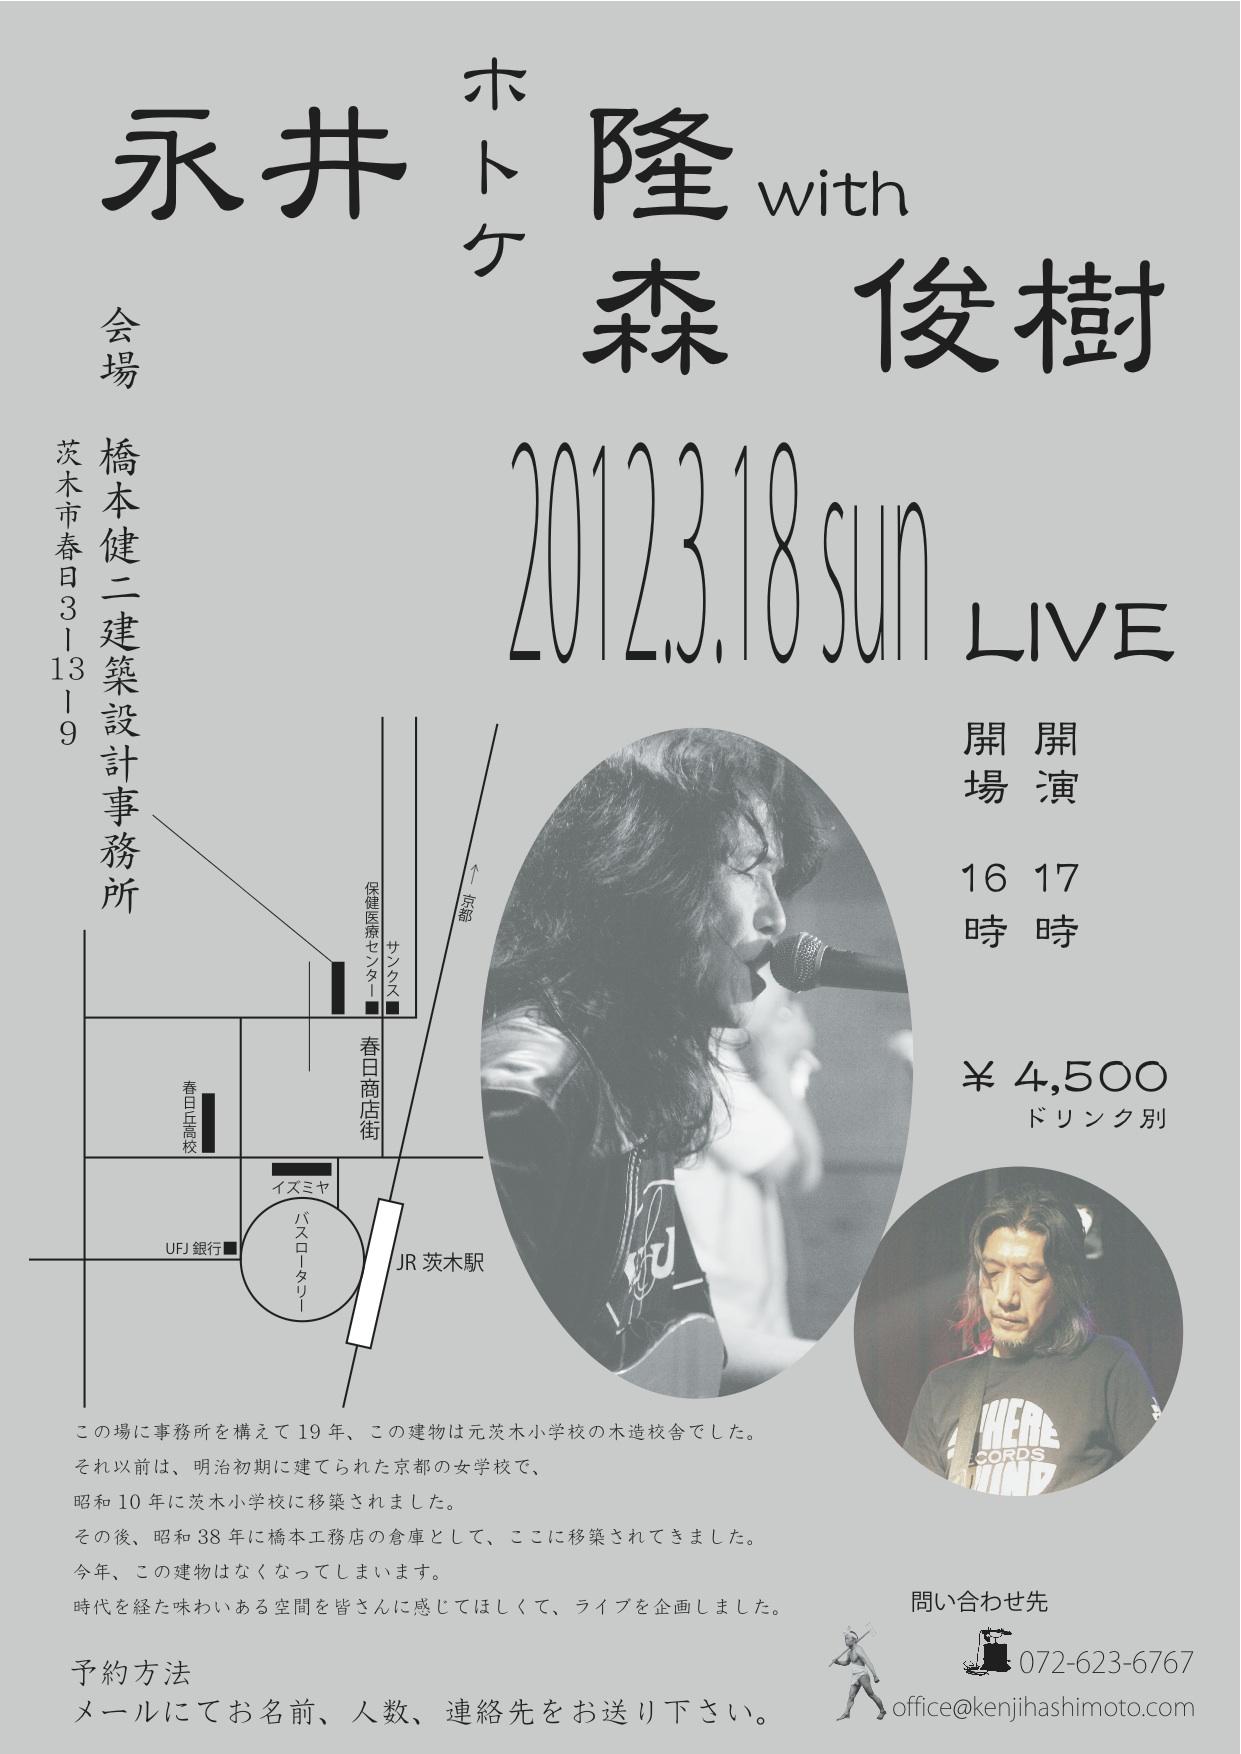 明後日18日は永井隆さんのライブです。_b0137082_10134239.jpg